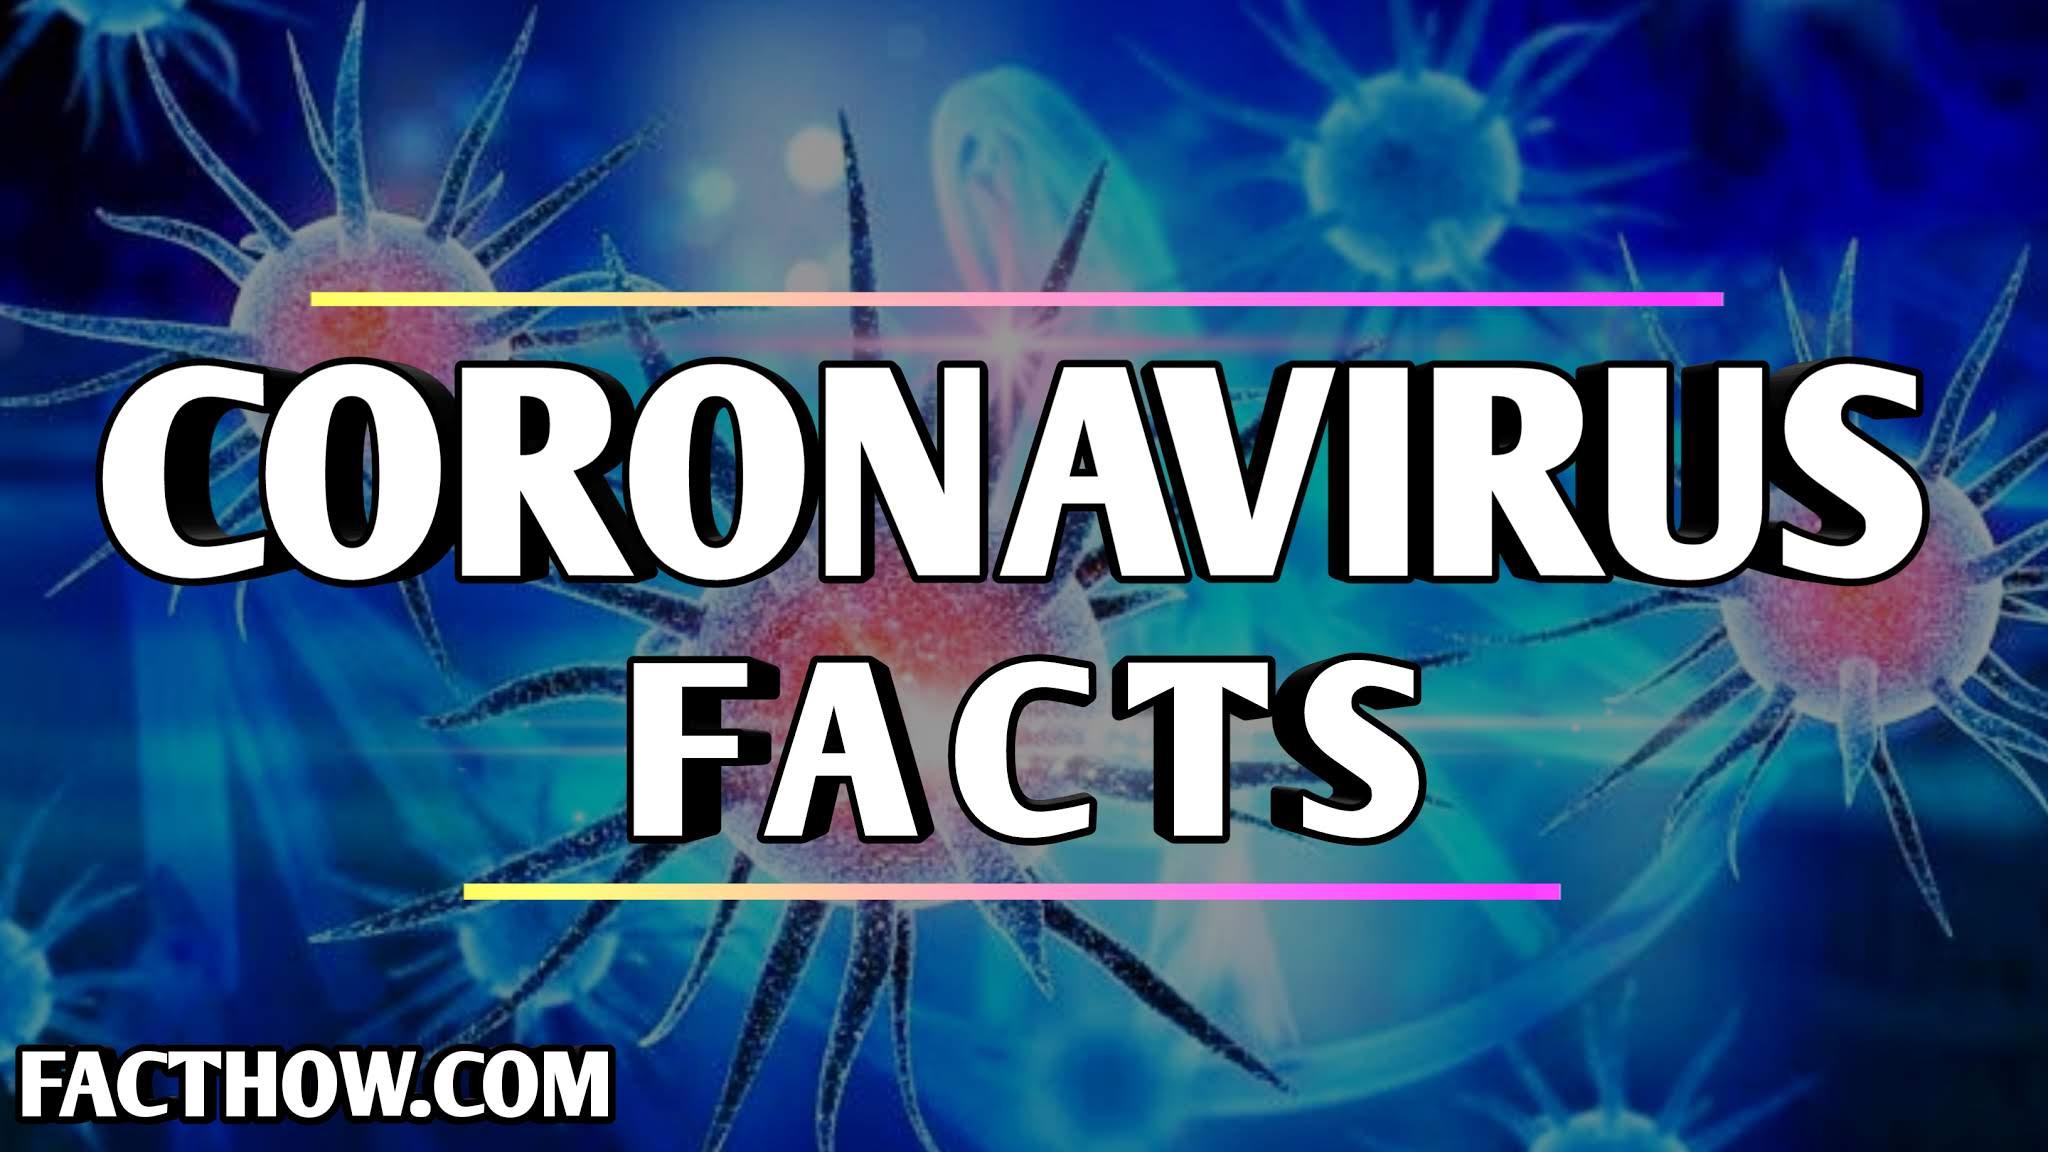 Covin-19, coronavirus symptoms, coronavirus facts in hindi on facthow, fact how, coronavirus in india, coronavirus china, coronavirus chicken, coronavirus ka ilaaj, coronavirus se kaise bachen, facts about coronavirus, WHO, coronavirus ka ilaaj, कोरोना वायरस से जुड़े खतरनाक तथ्य और जानकारी